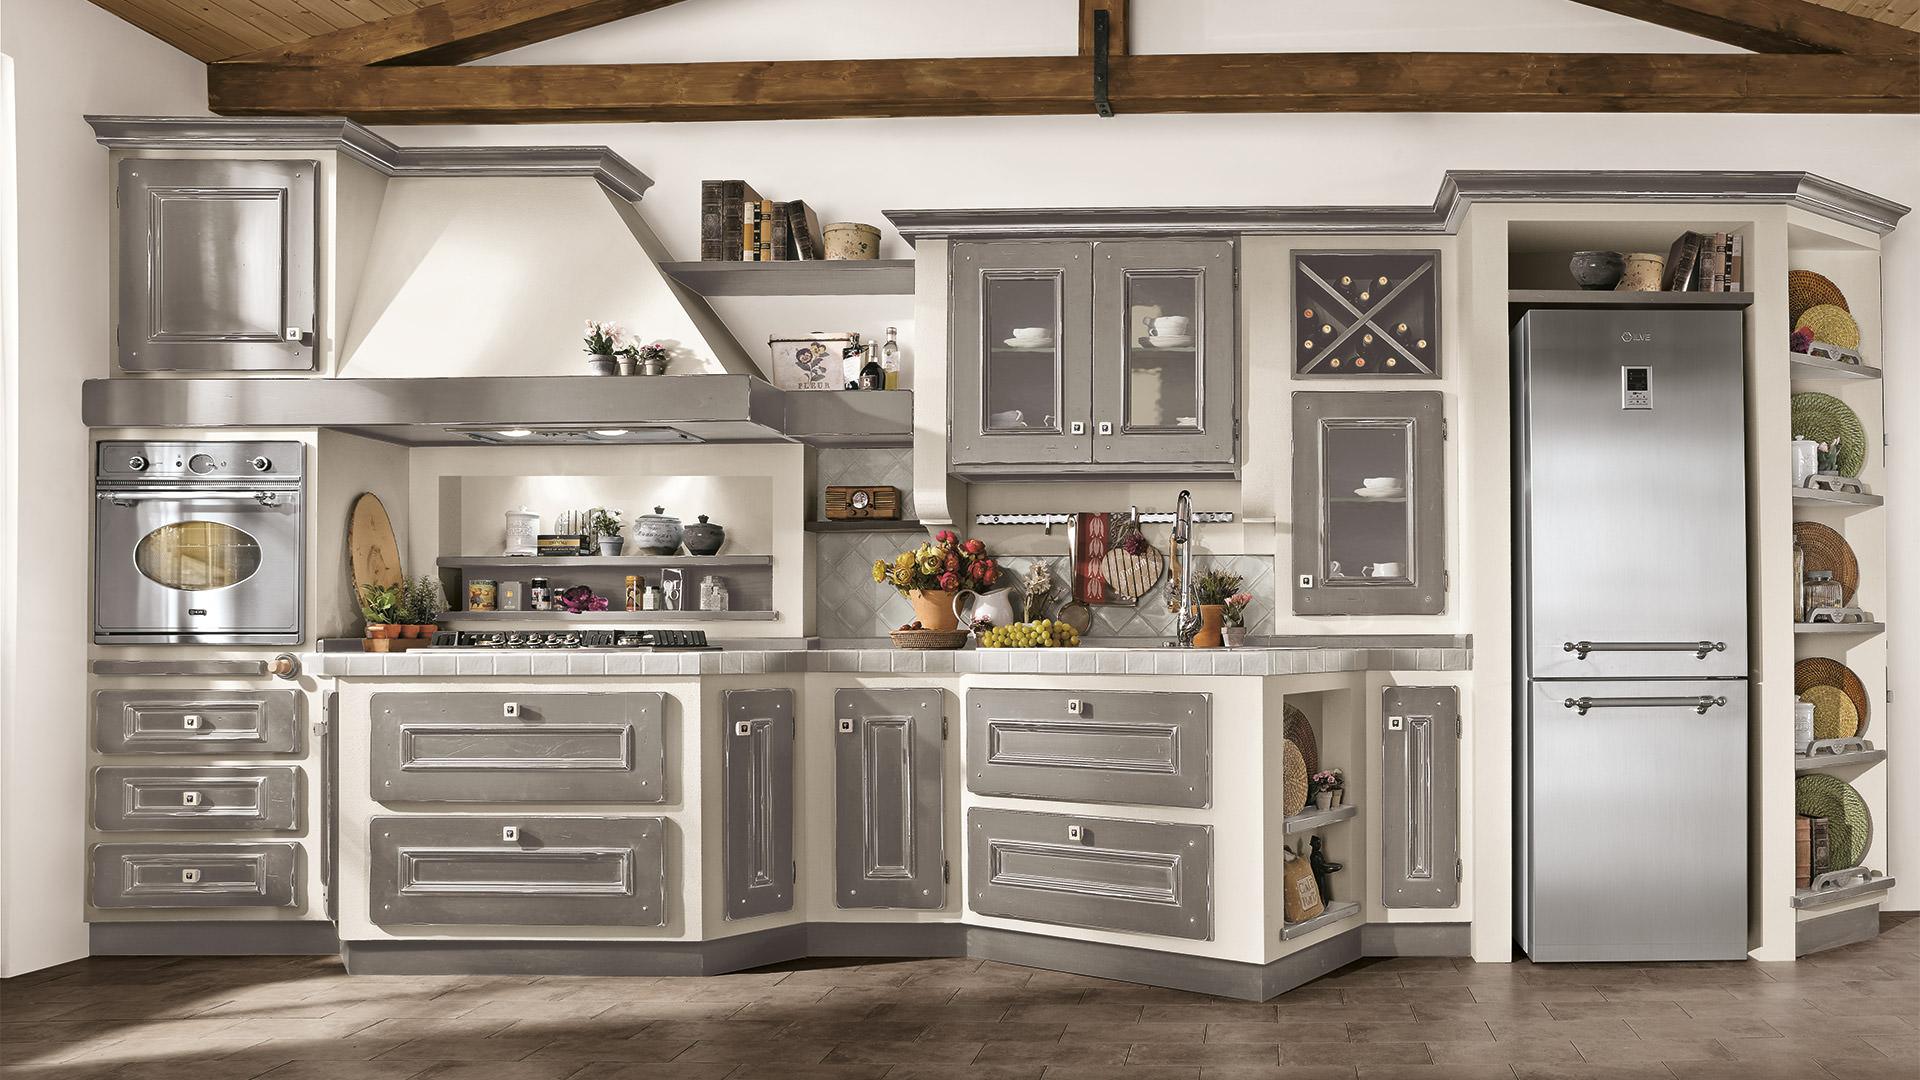 Cucina lube classica contemporanea beatrice 1 - Cucina classica contemporanea ...